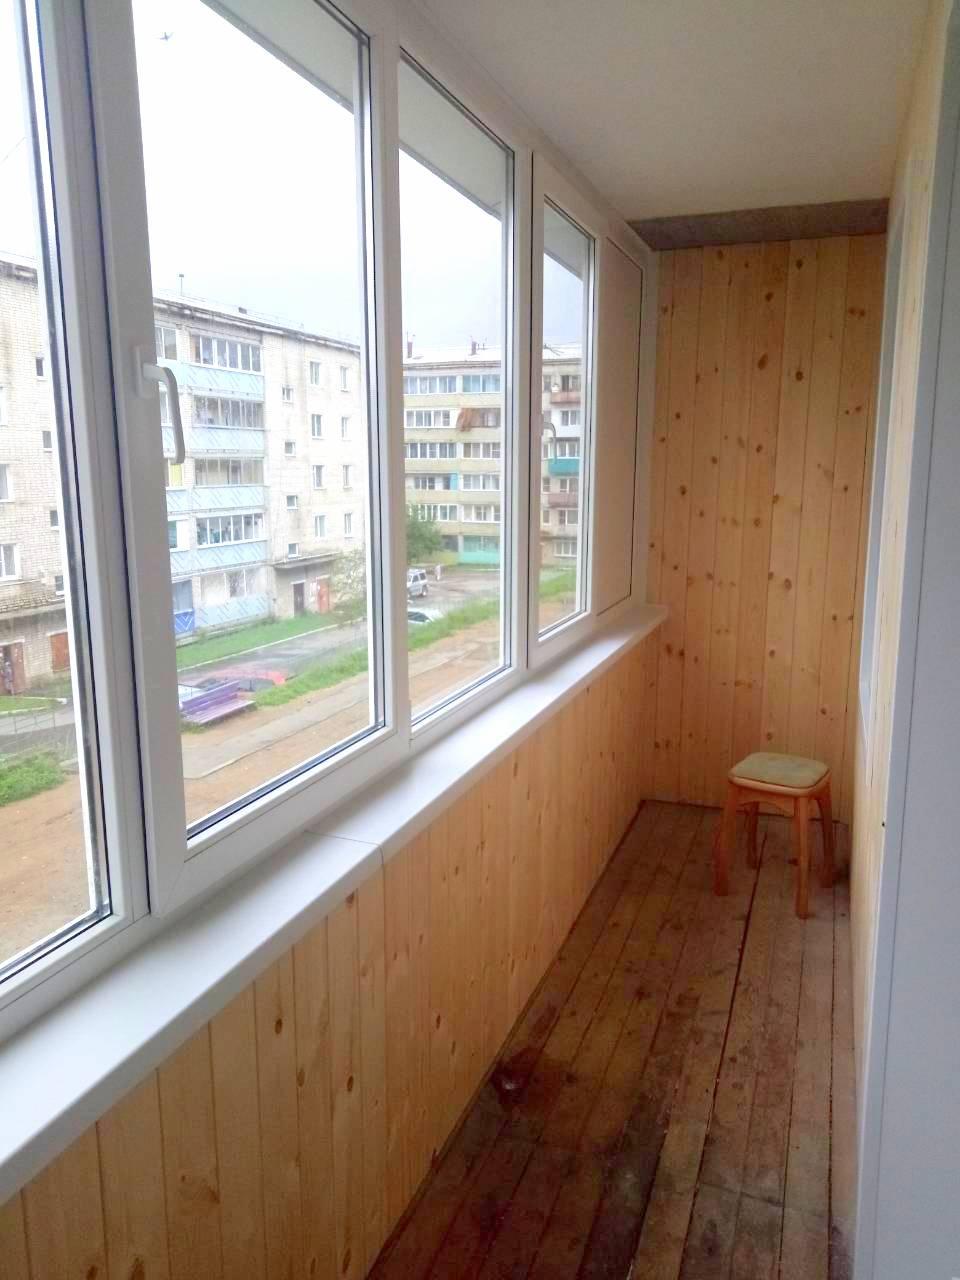 Остекление ПВХ (Теплое). Внутренняя отделка балкона - Евровагонка.  Без ремонта пола.